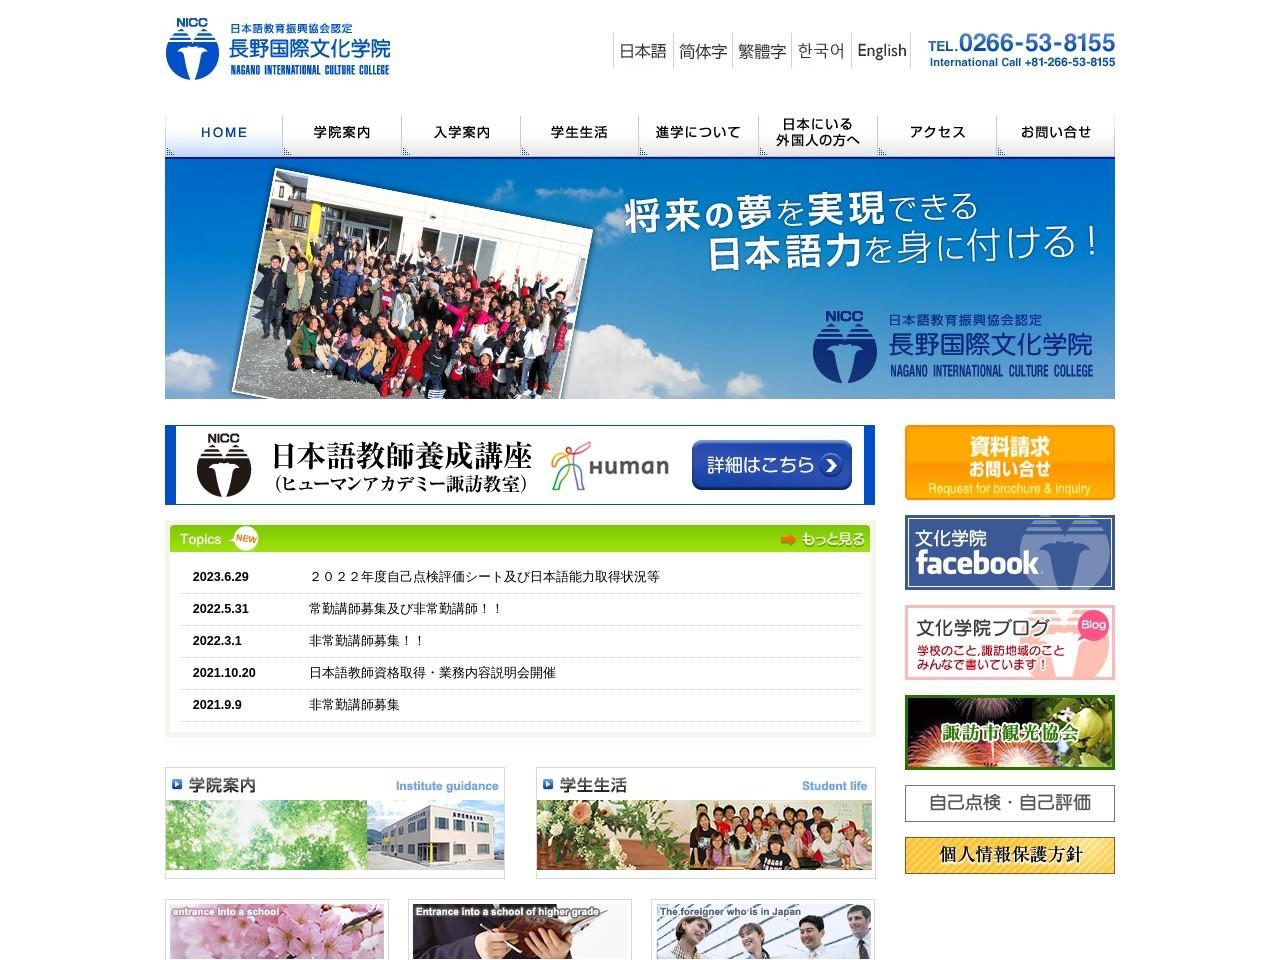 長野国際文化学院